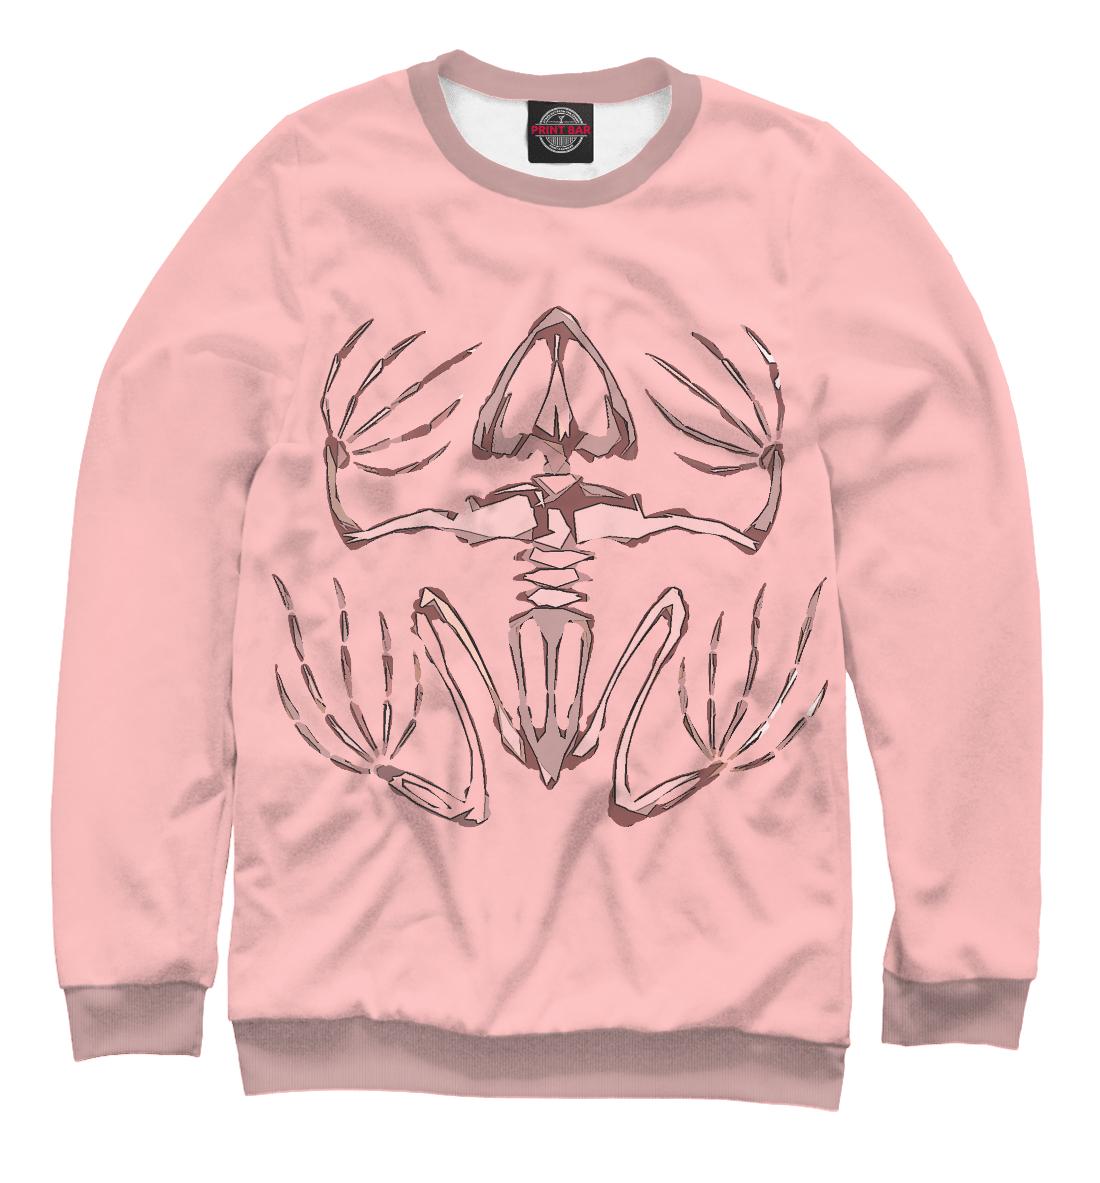 Купить Pink Frog, Printbar, Свитшоты, APD-200125-swi-2